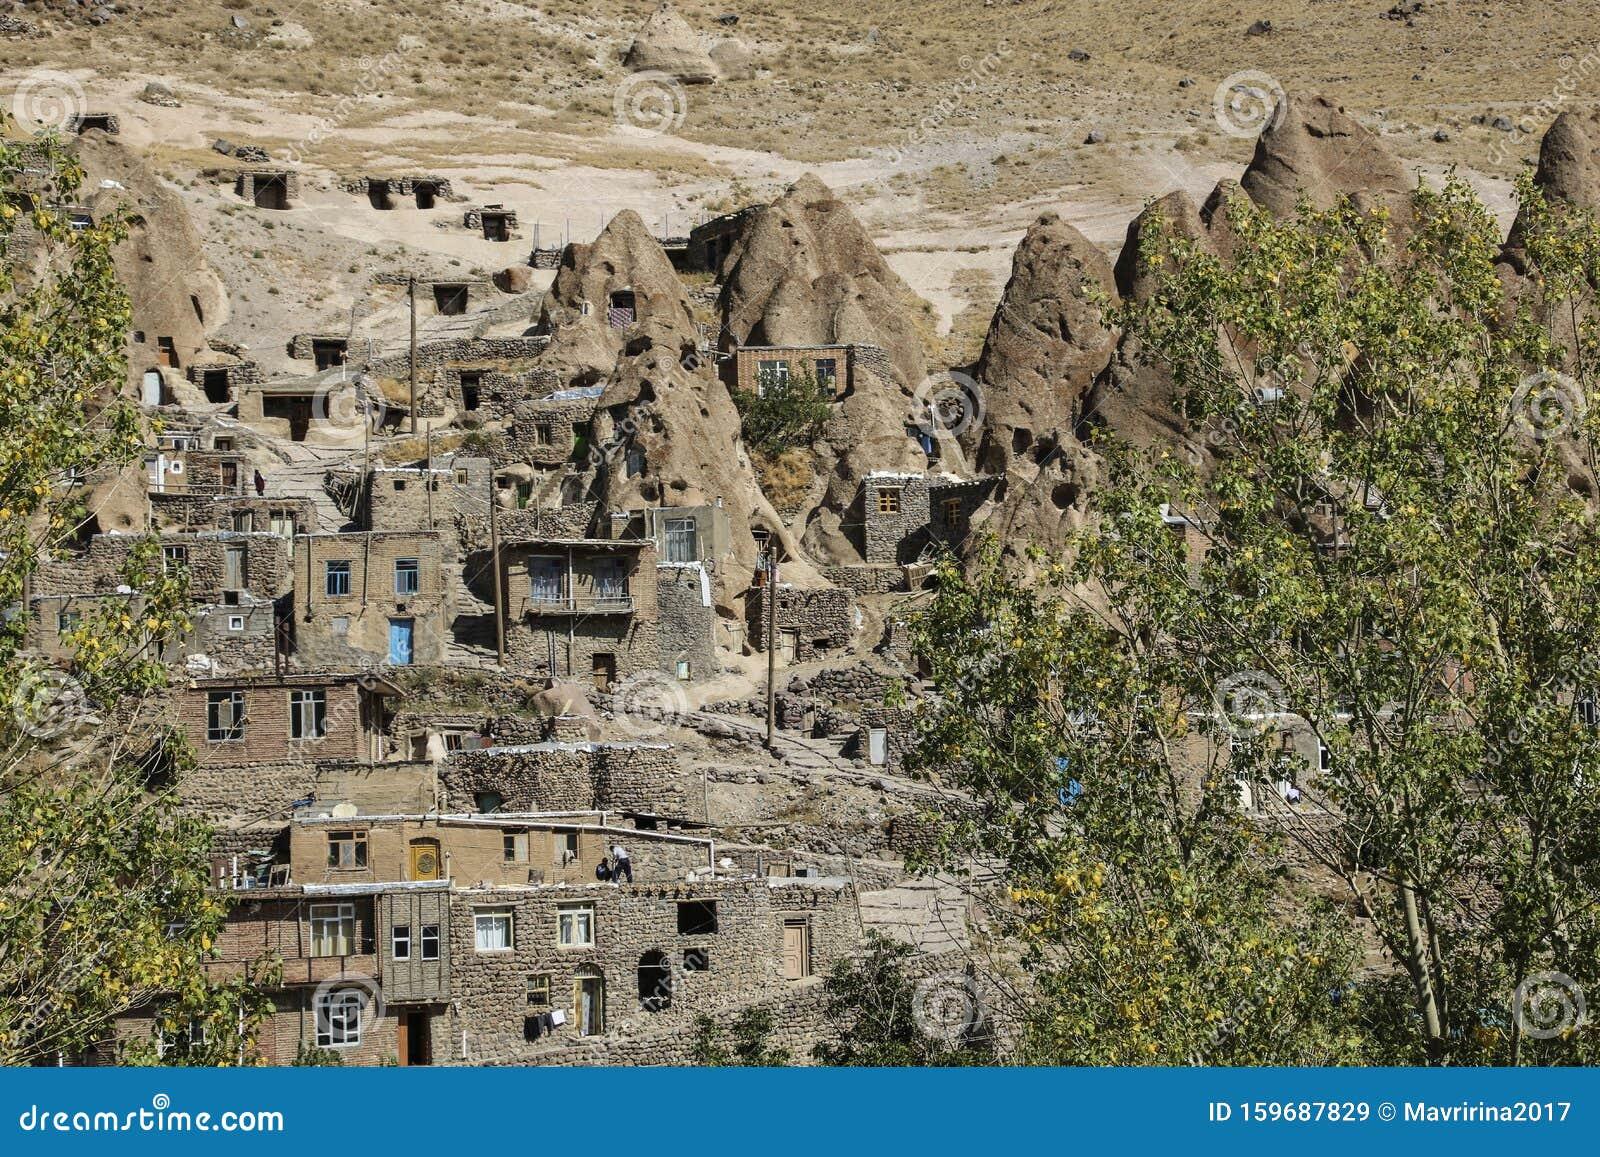 Aussicht Auf Das Felsdorf Kandovan Provinz Ost Aserbaidschan Iran Stockbild Bild Von Aserbaidschan Iran 159687829